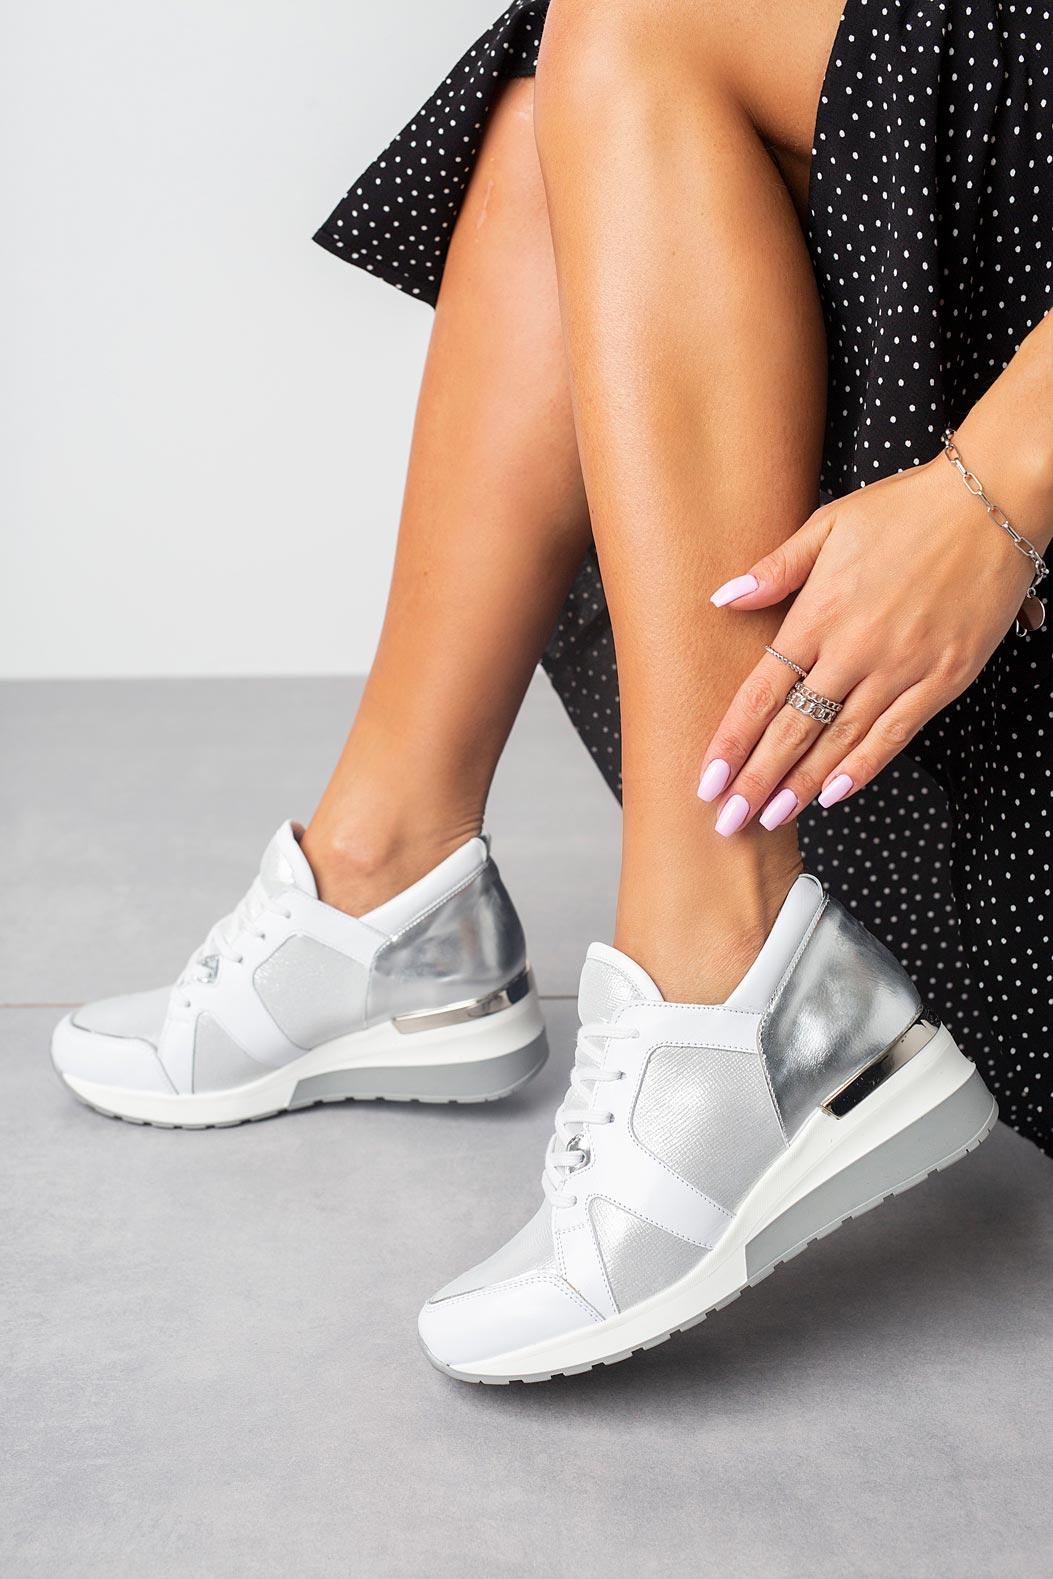 Białe sneakersy Kati buty sportowe sznurowane 7023 biały